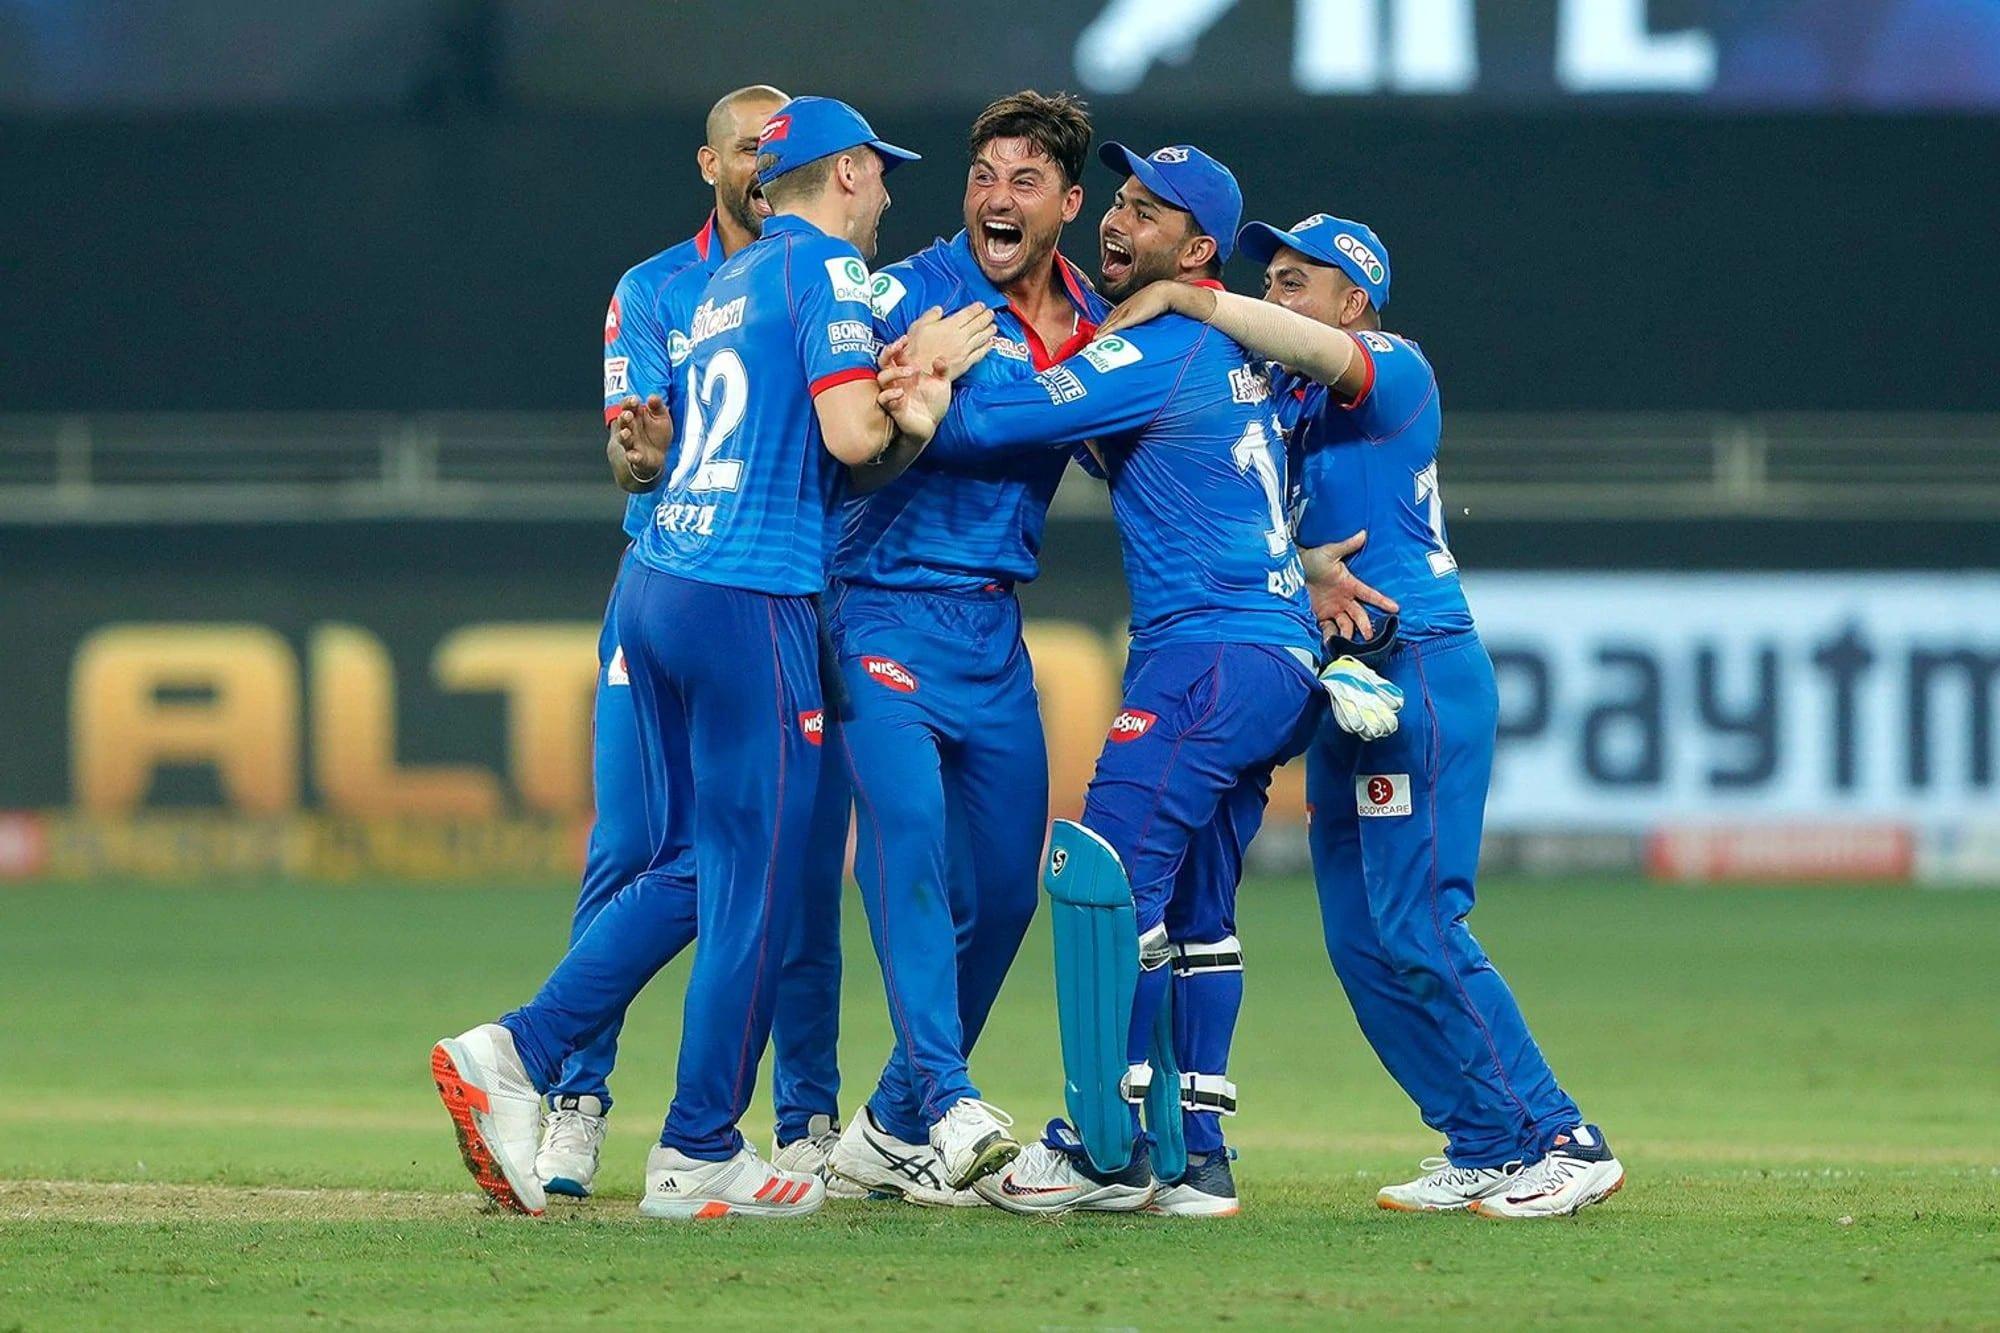 IPL 2020 Final, DC vs MI: Mumbai Indians vs Delhi Capitals - Key Battles